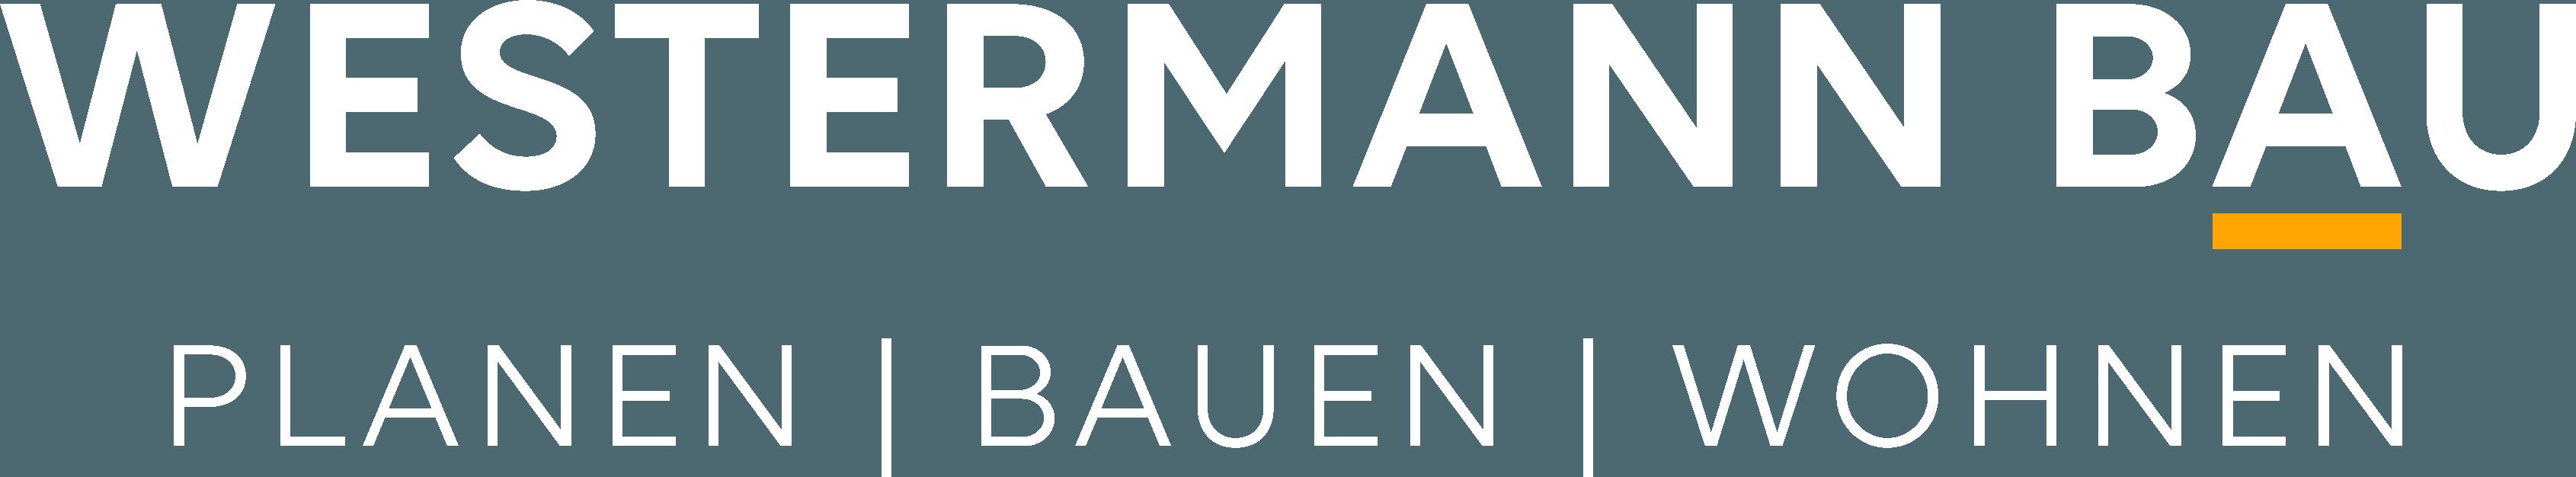 Westermann Bau GmbH - Firmenlogo - weissi